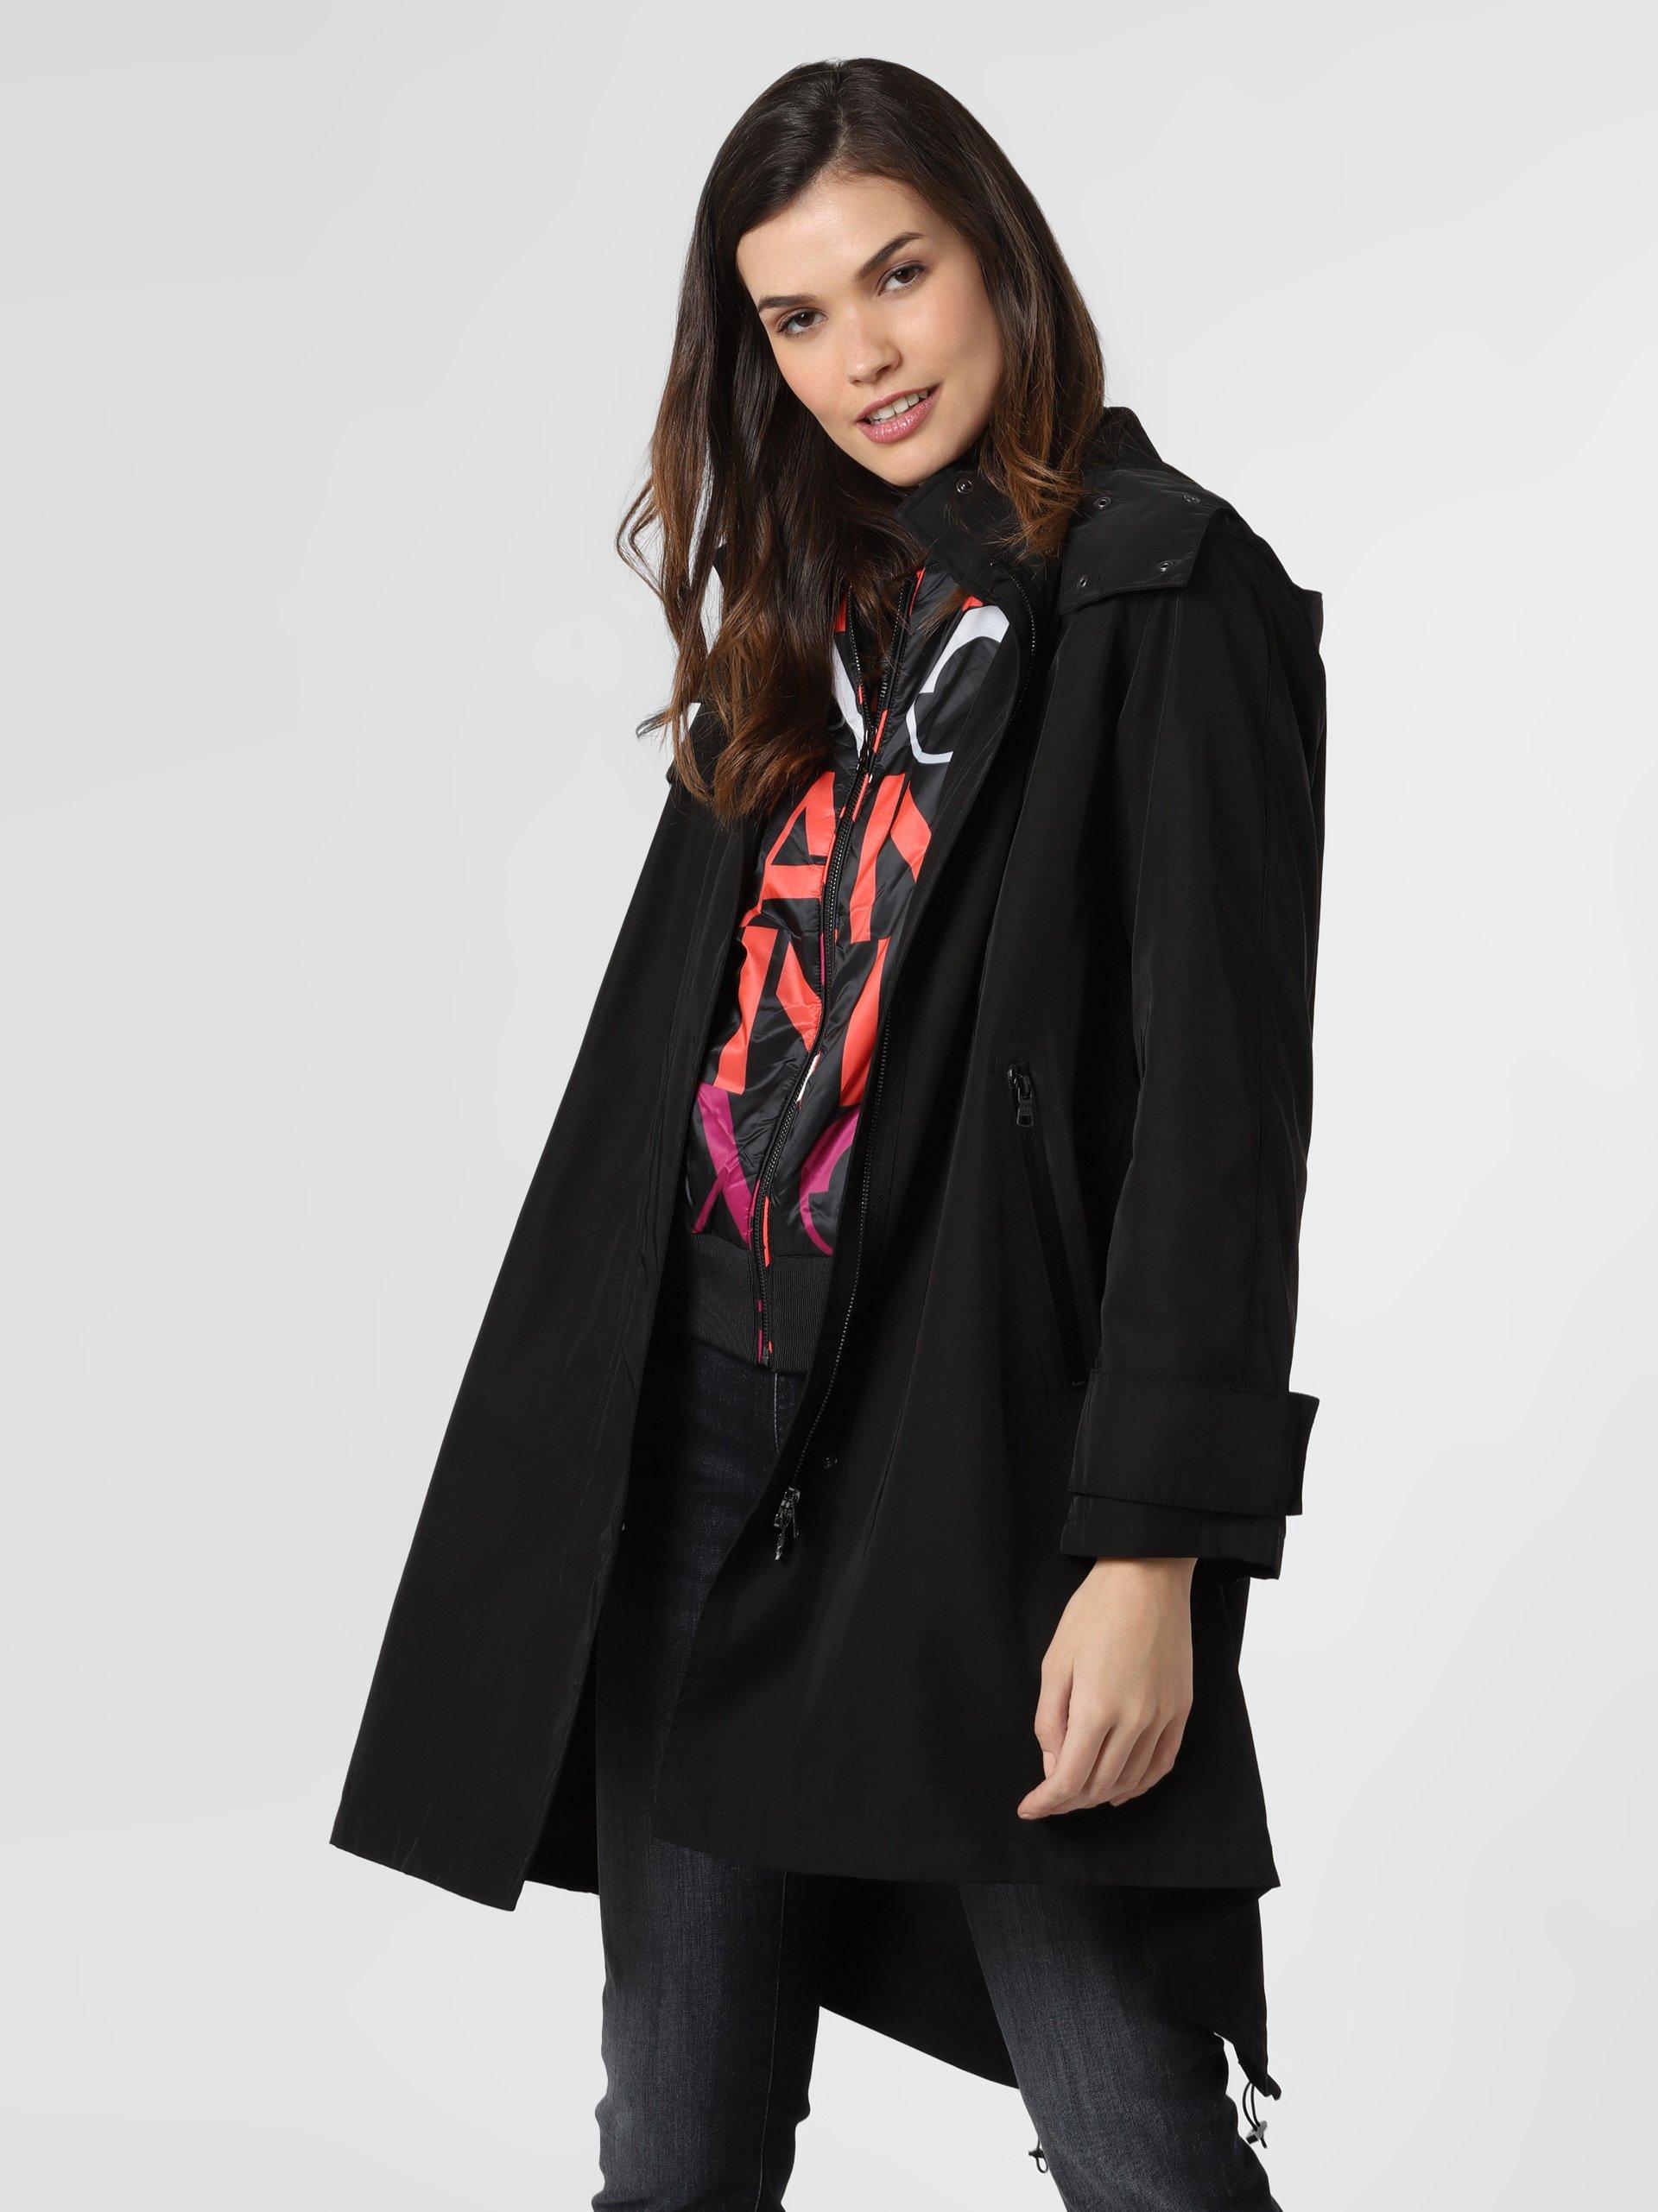 Armani Exchange Damski płaszcz 3 w 1